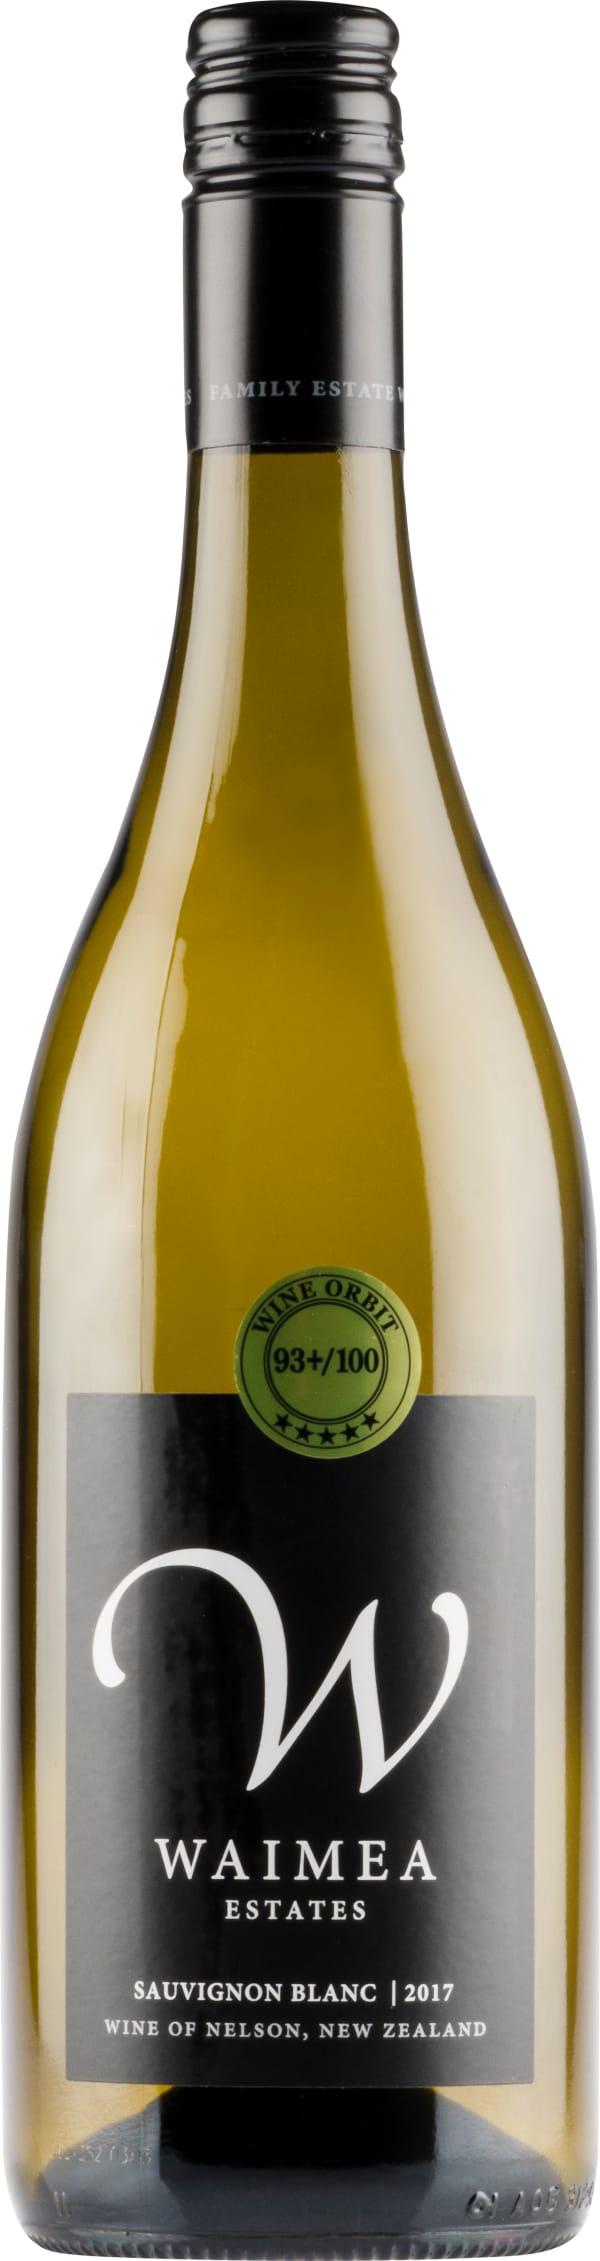 Waimea Sauvignon Blanc 2020